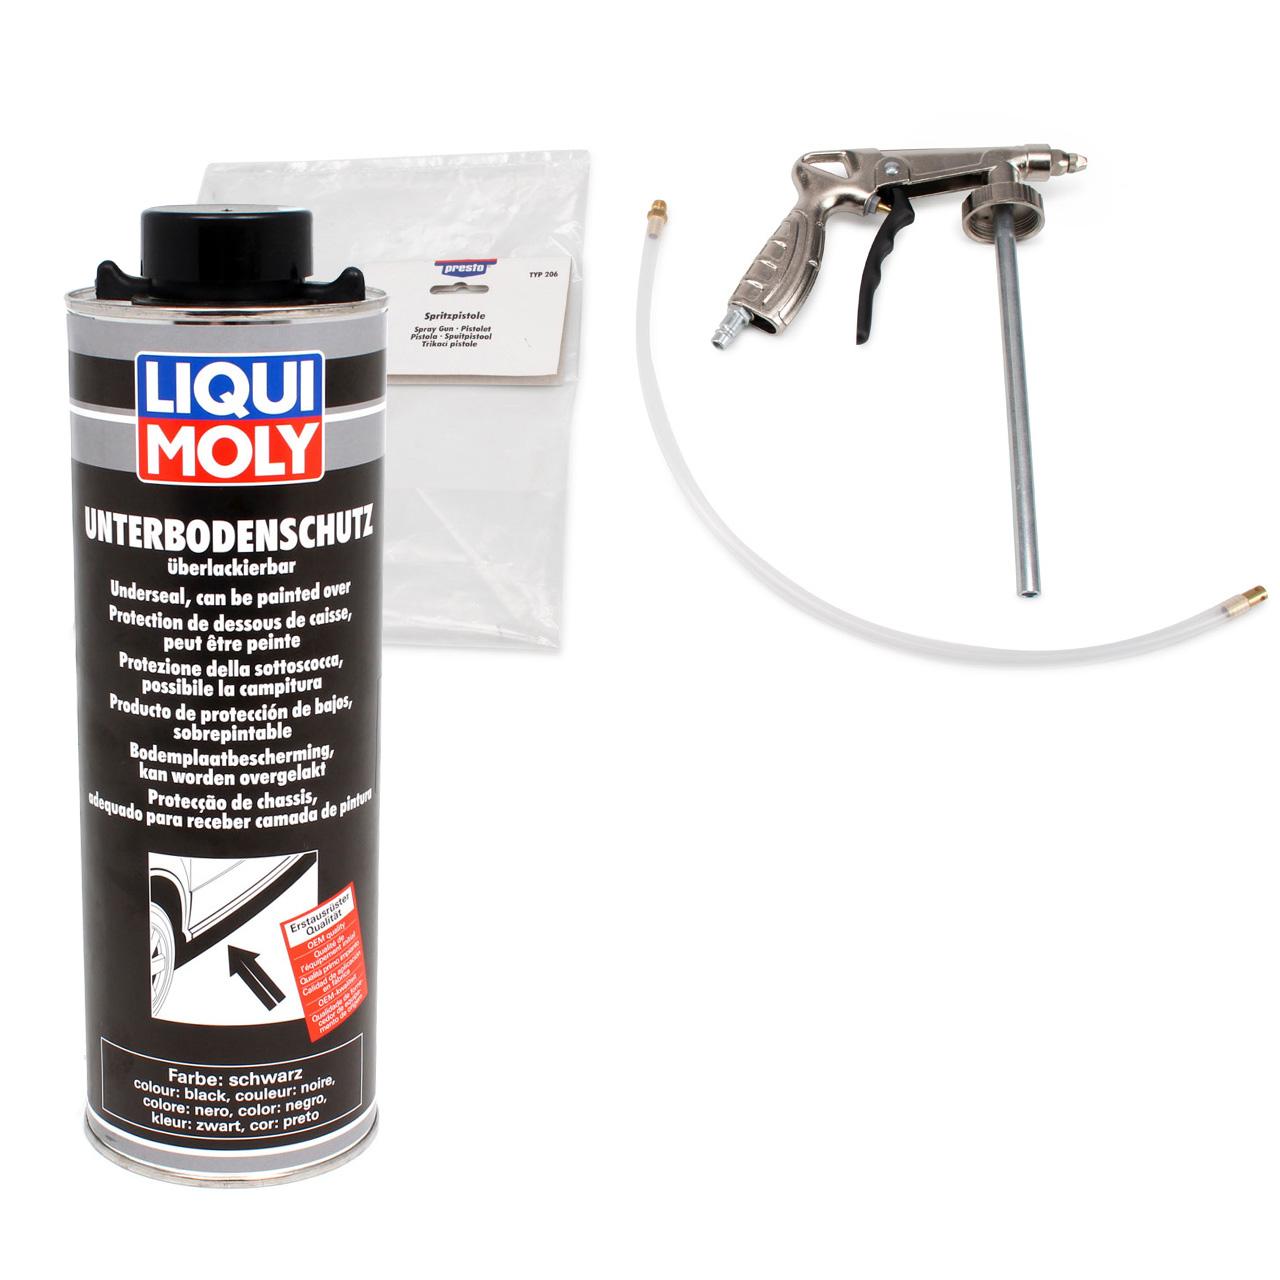 LIQUI MOLY Unterbodenschutz Saugdose lackierbar SCHWARZ 1 Liter + Sprühpistole